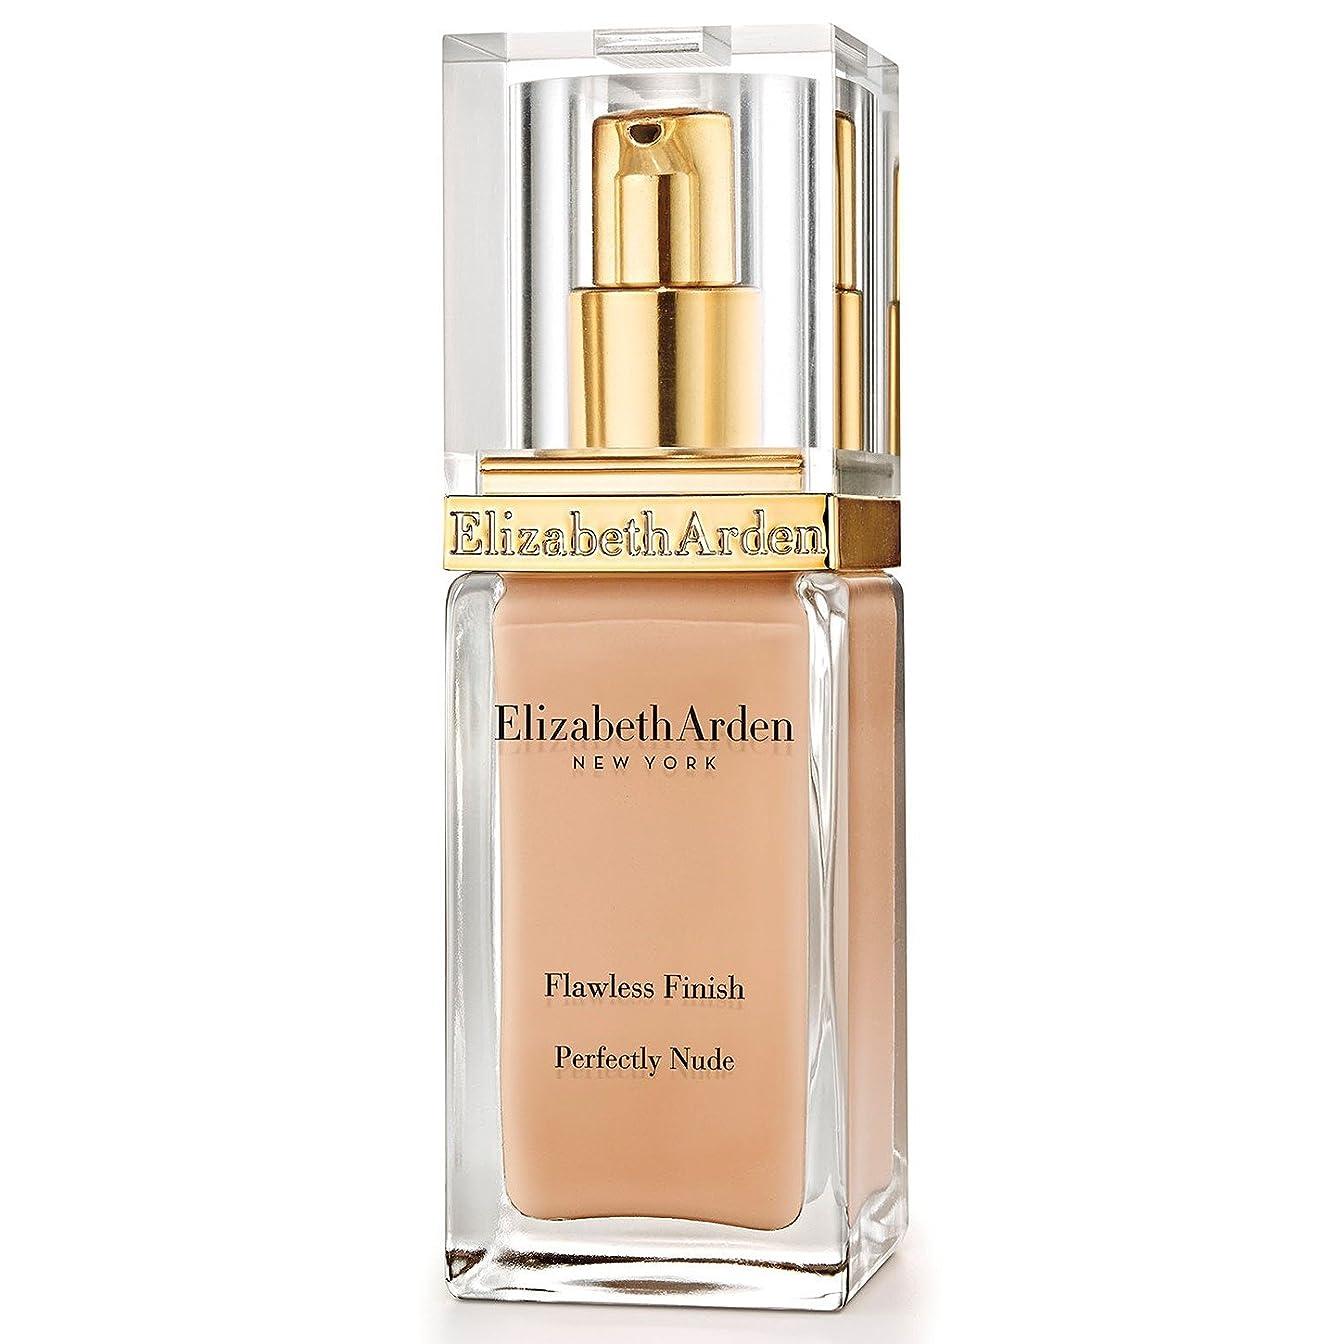 防腐剤サラミ会社Elizabeth Arden Flawless Finish Perfectly Nude Foundation SPF 15 Vanilla Shake - エリザベスは、完璧な仕上がり完璧ヌードファンデーション 15バニラシェイクをアーデン [並行輸入品]